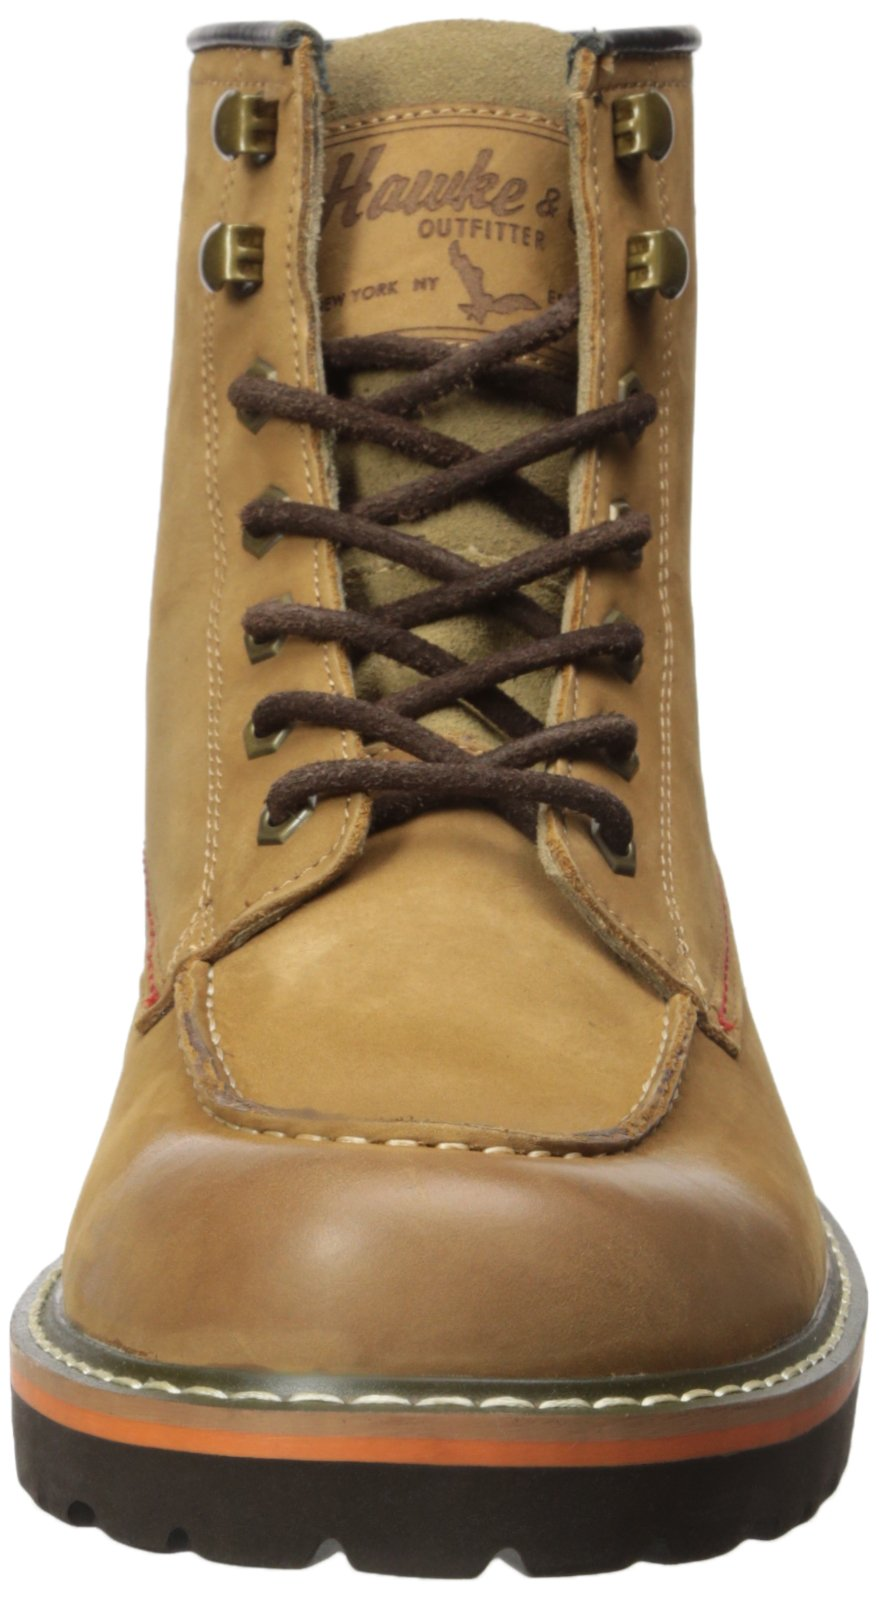 Hawke & Co Men's Harrison Work Boot, Wheat, 10.5 M US by Hawke & Co (Image #4)